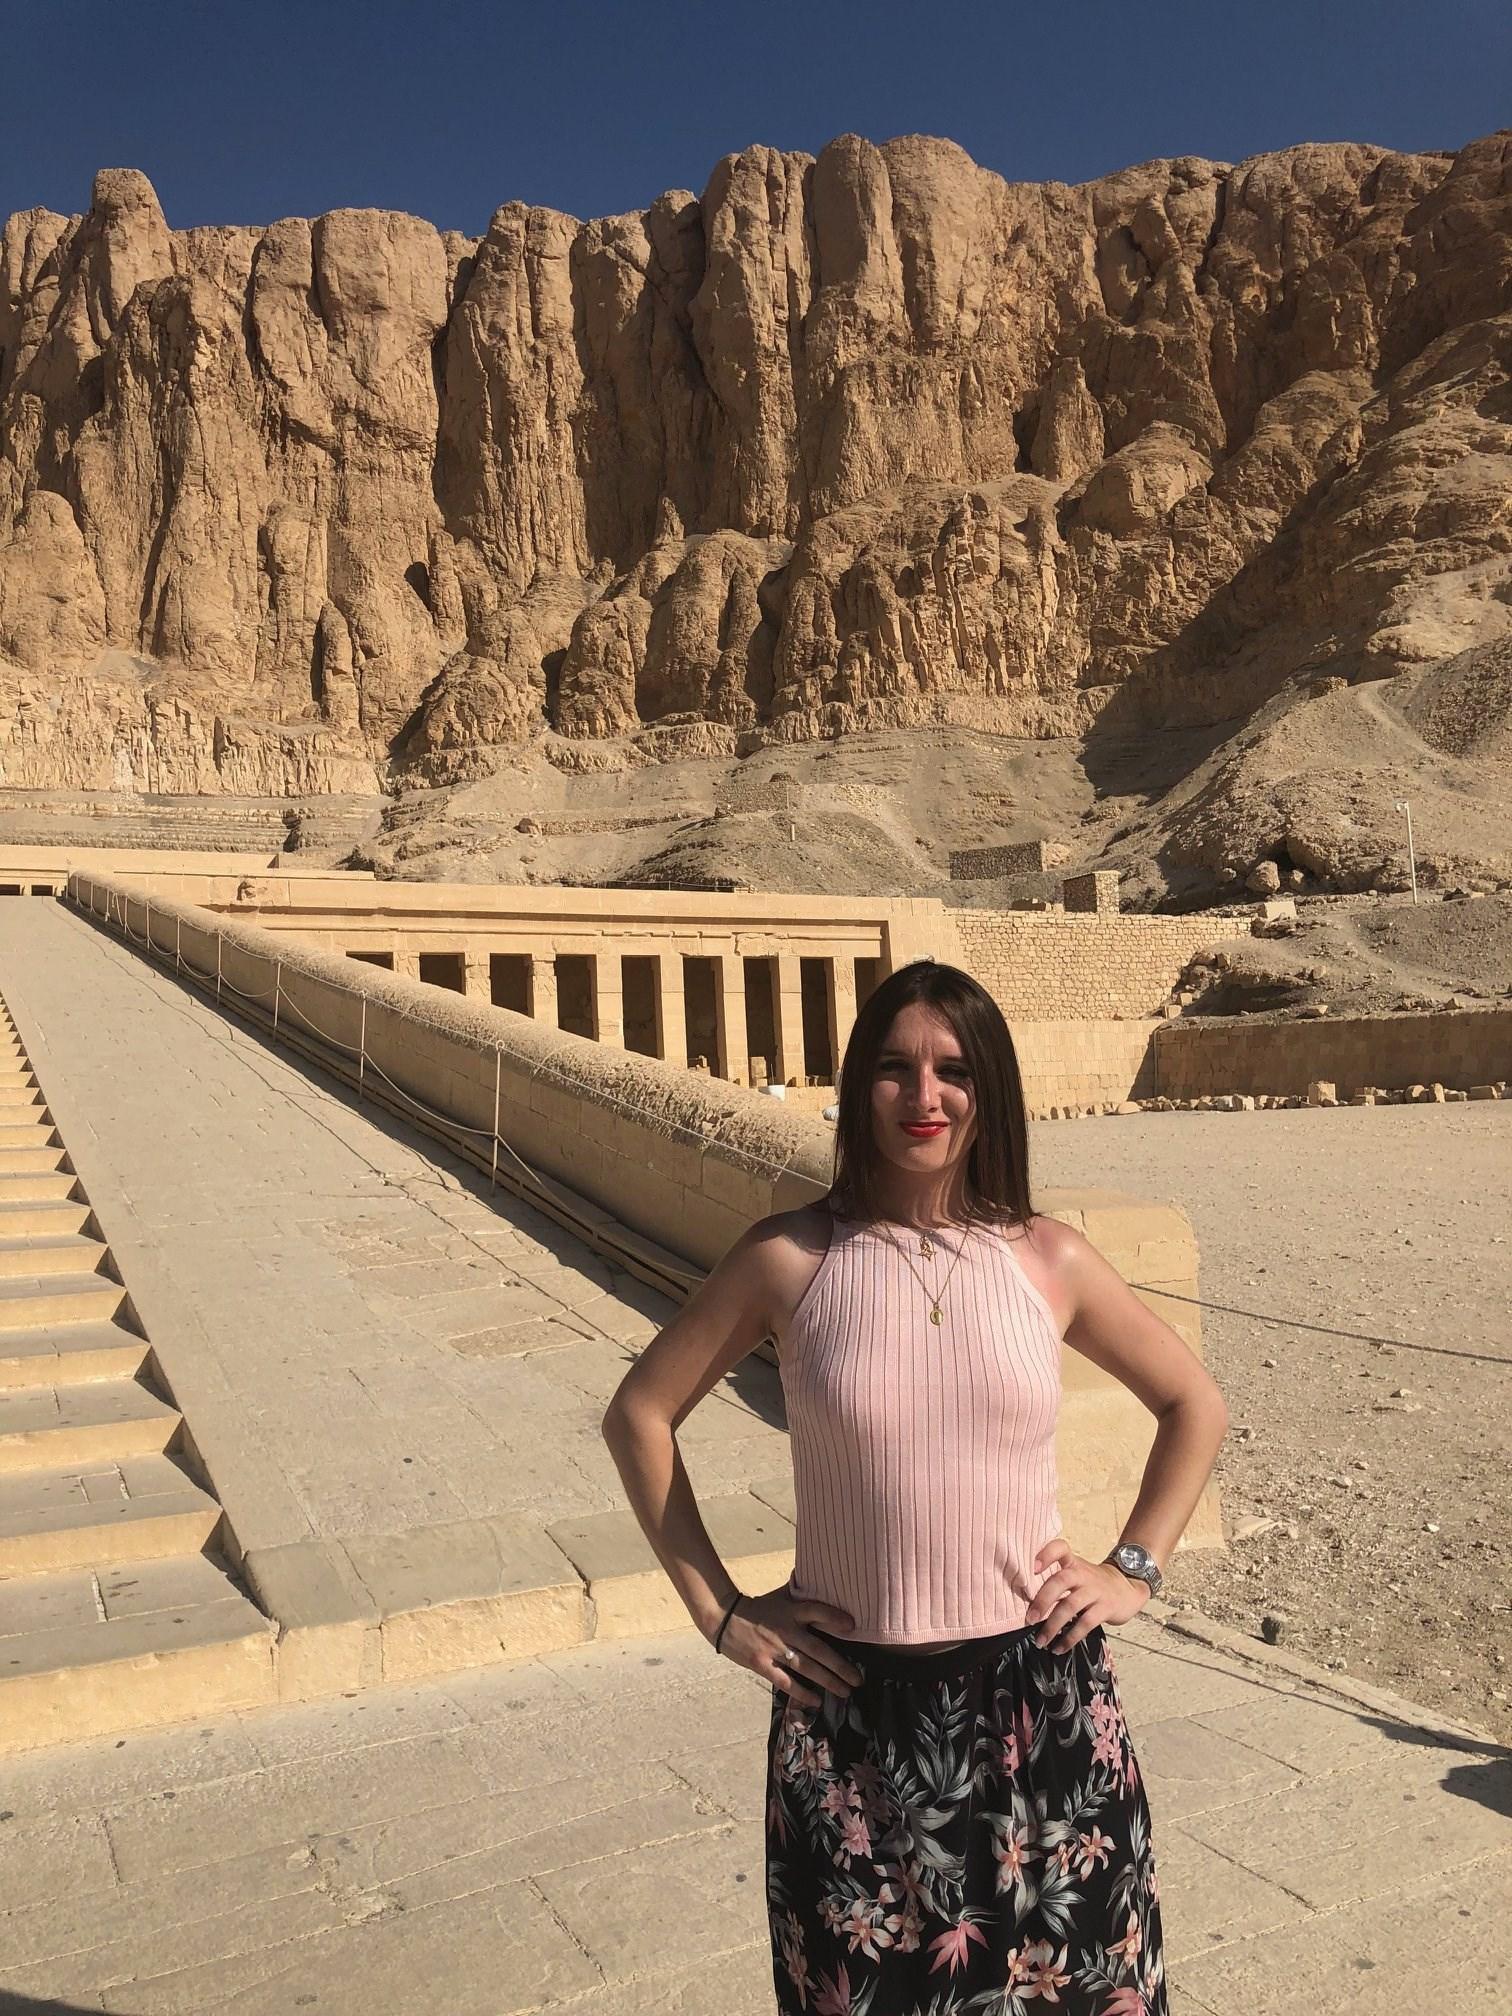 Croisière Nil Egypte - Marie COÏC Juillet 2019